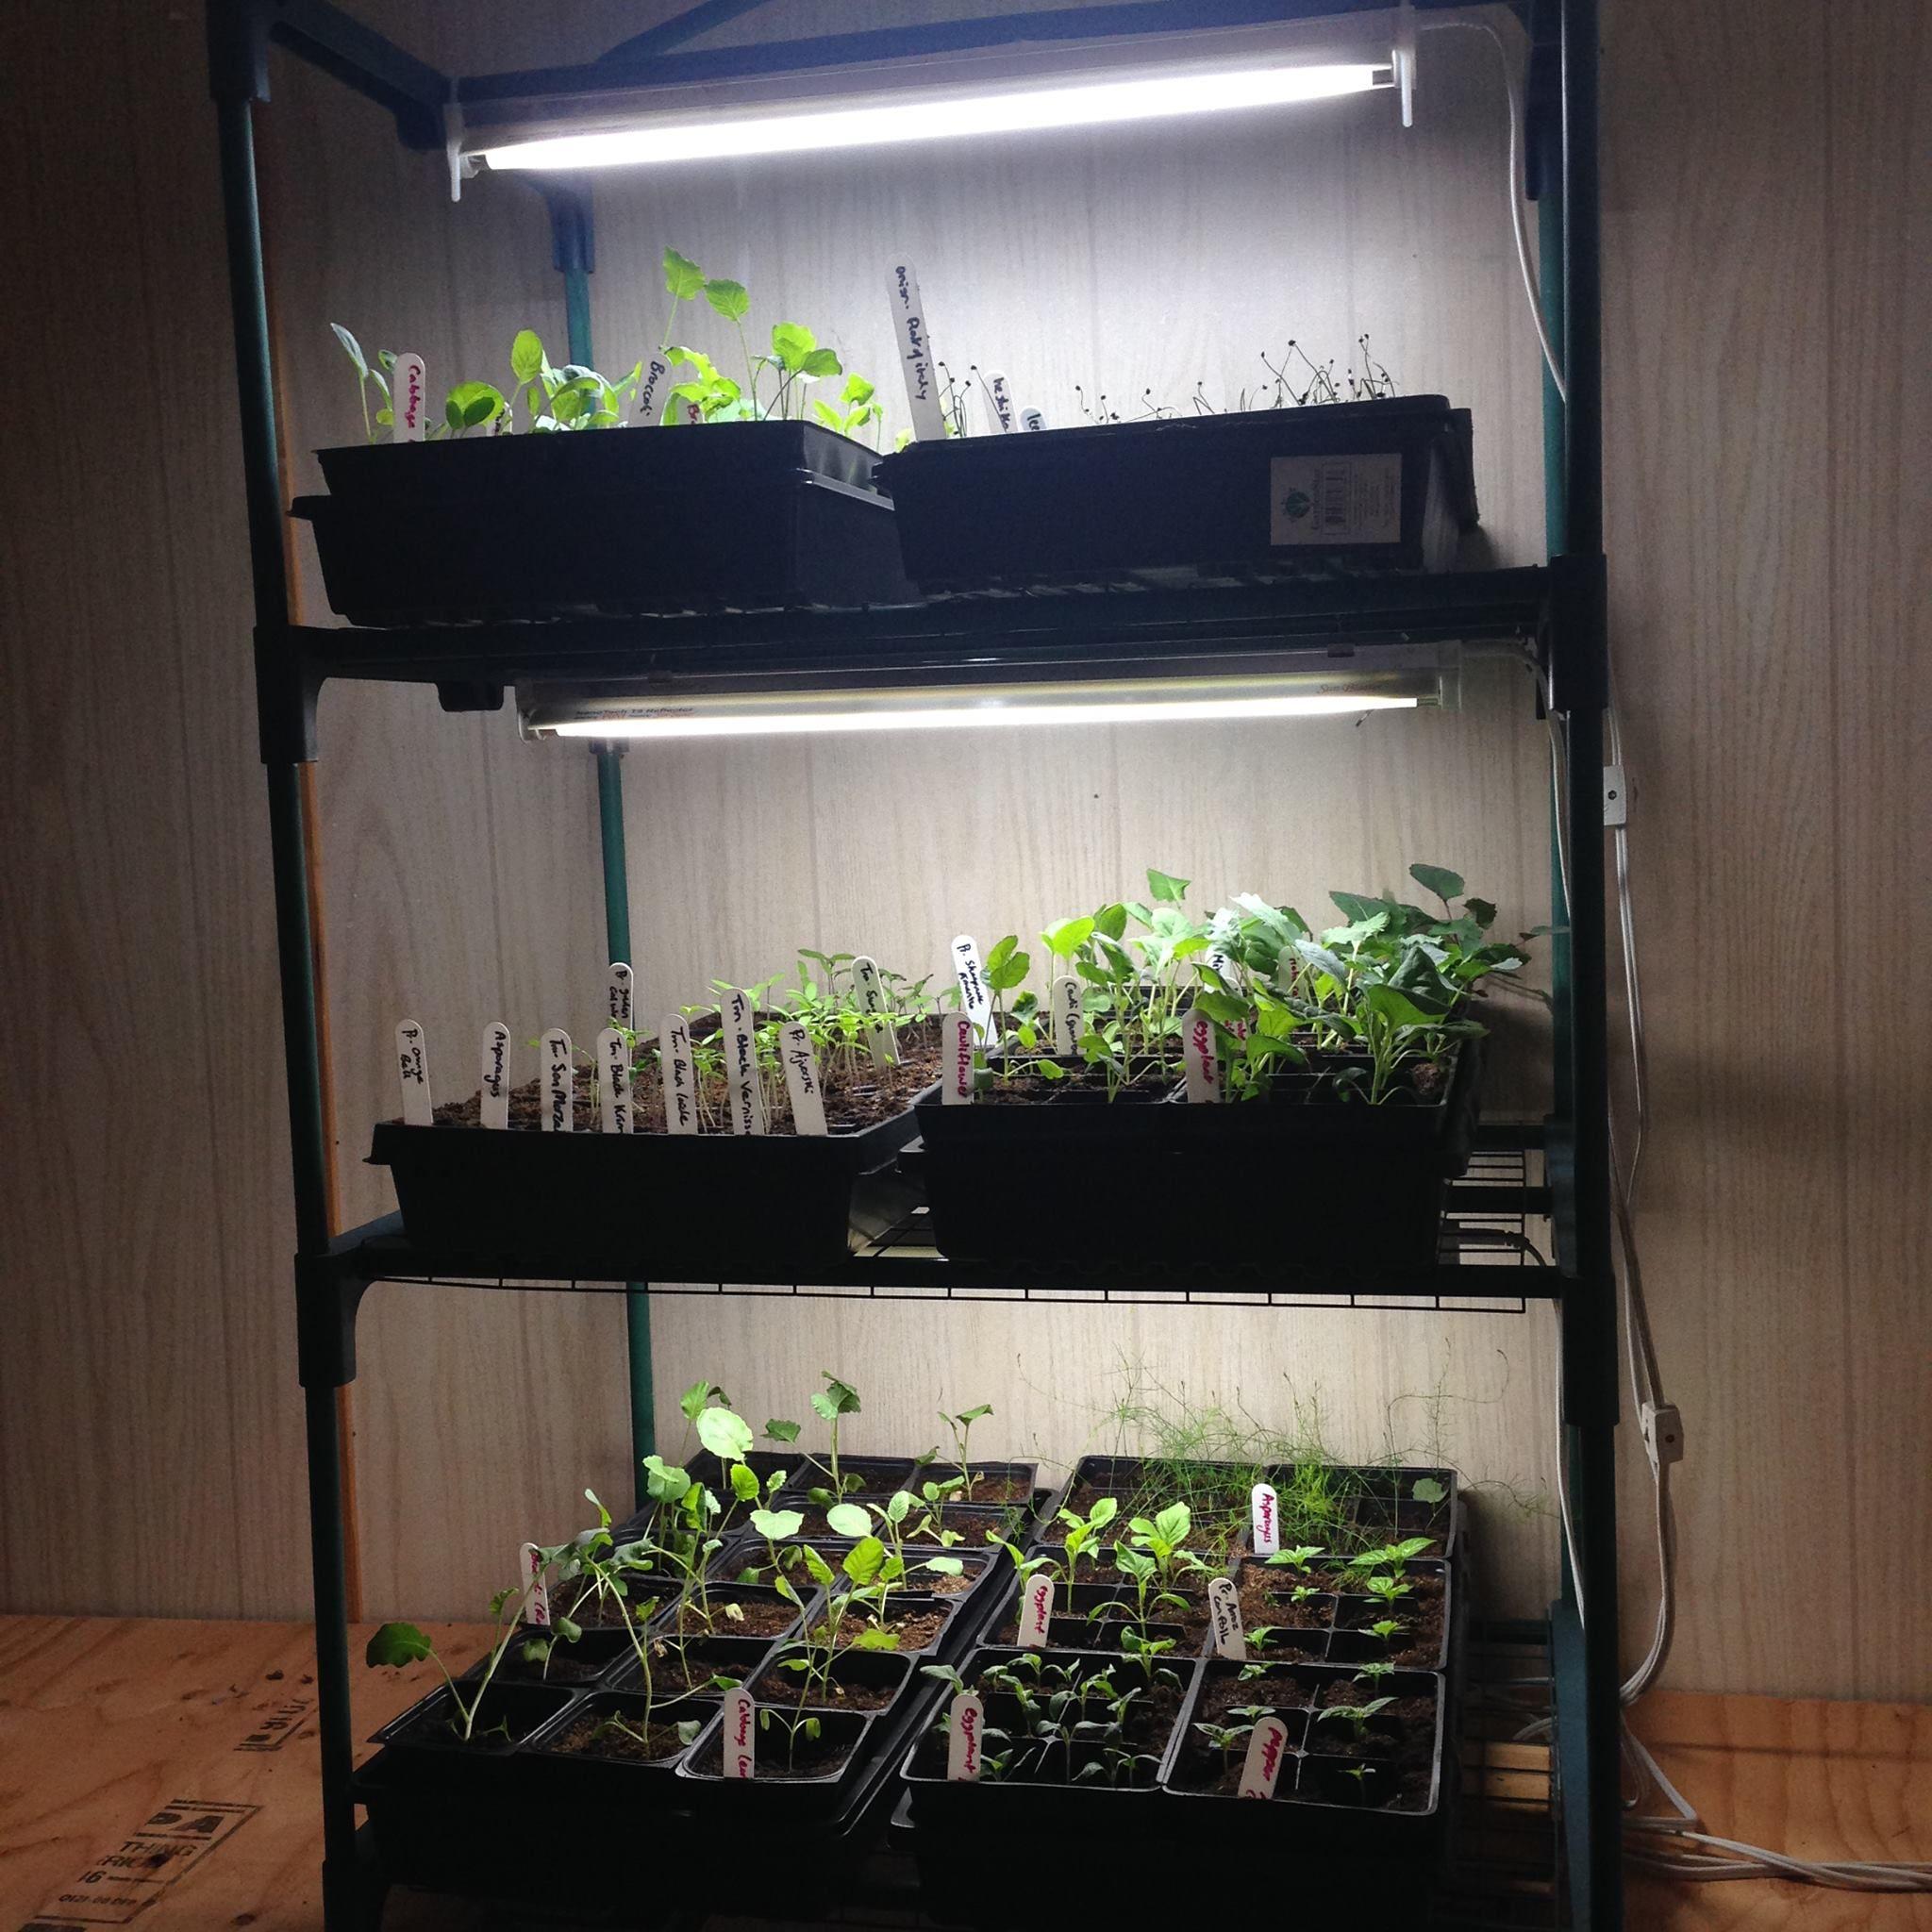 Grow Lights & Indoor Greenhouses Indoor vegetable